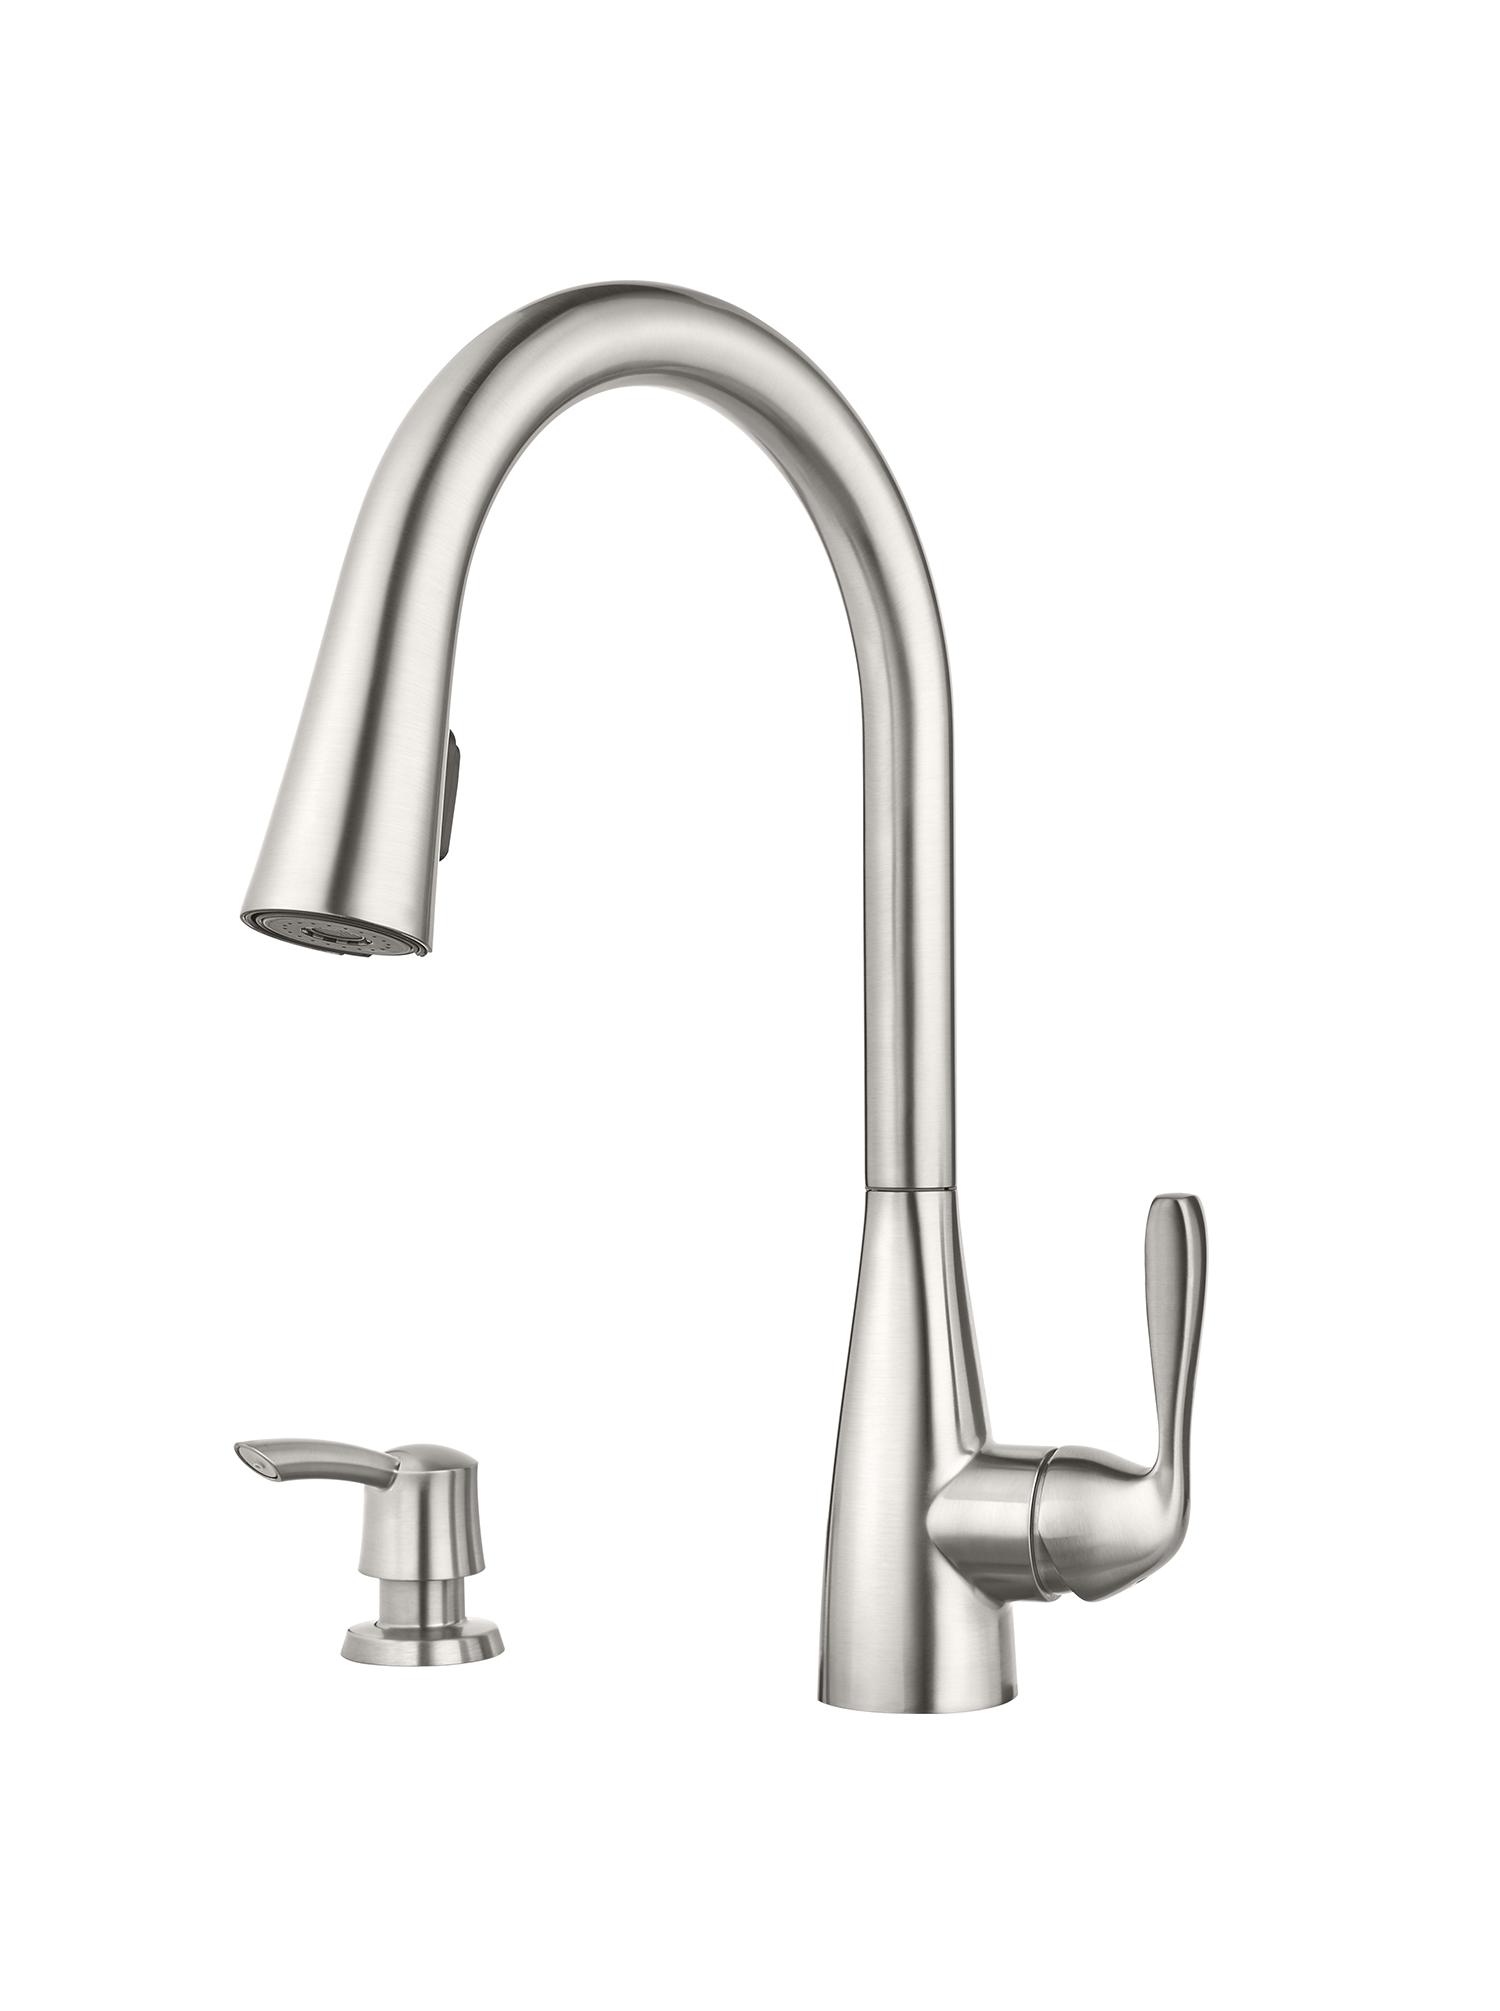 product detail kitchen faucet